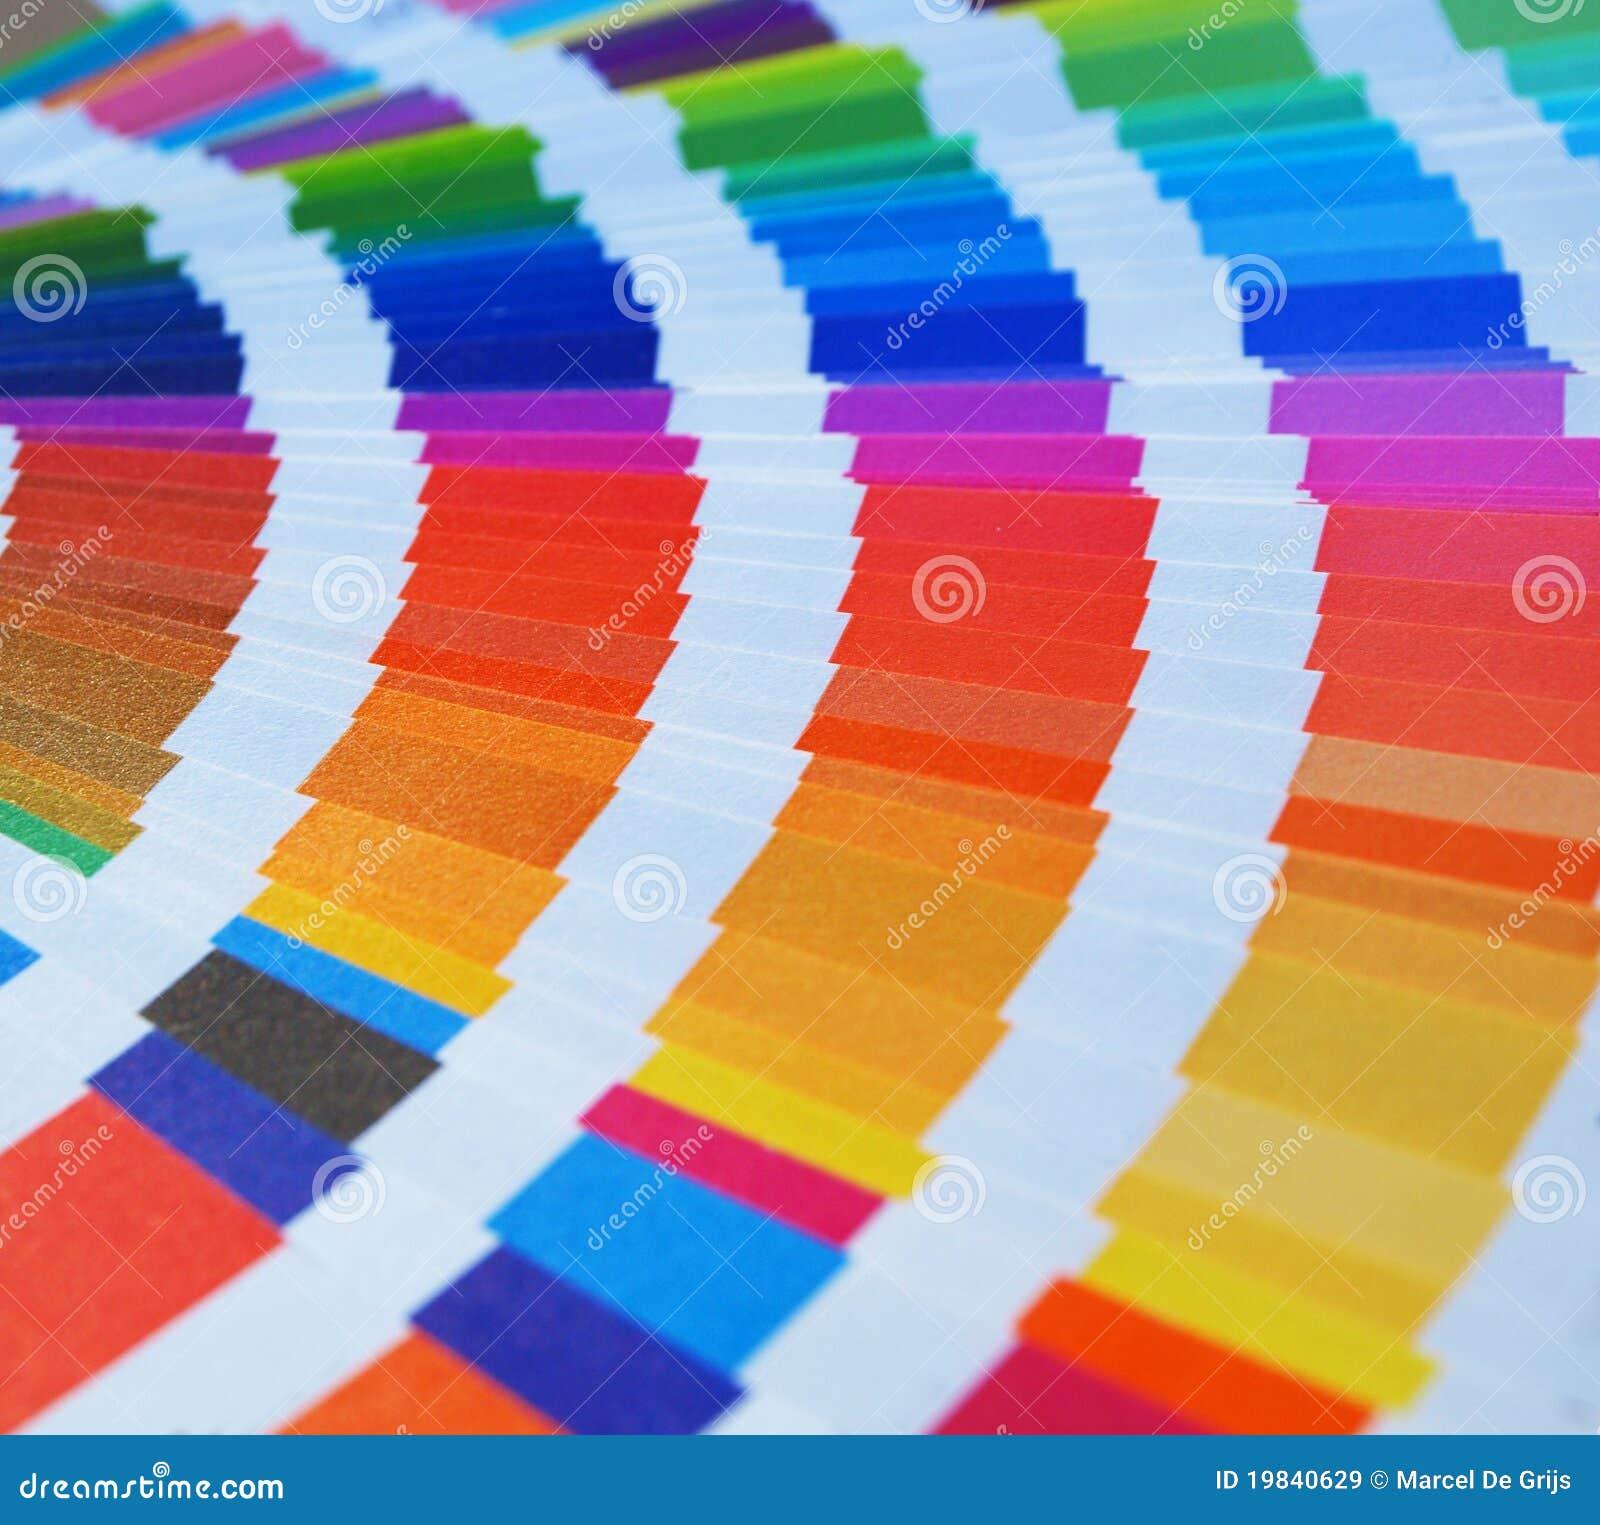 Guide de couleur